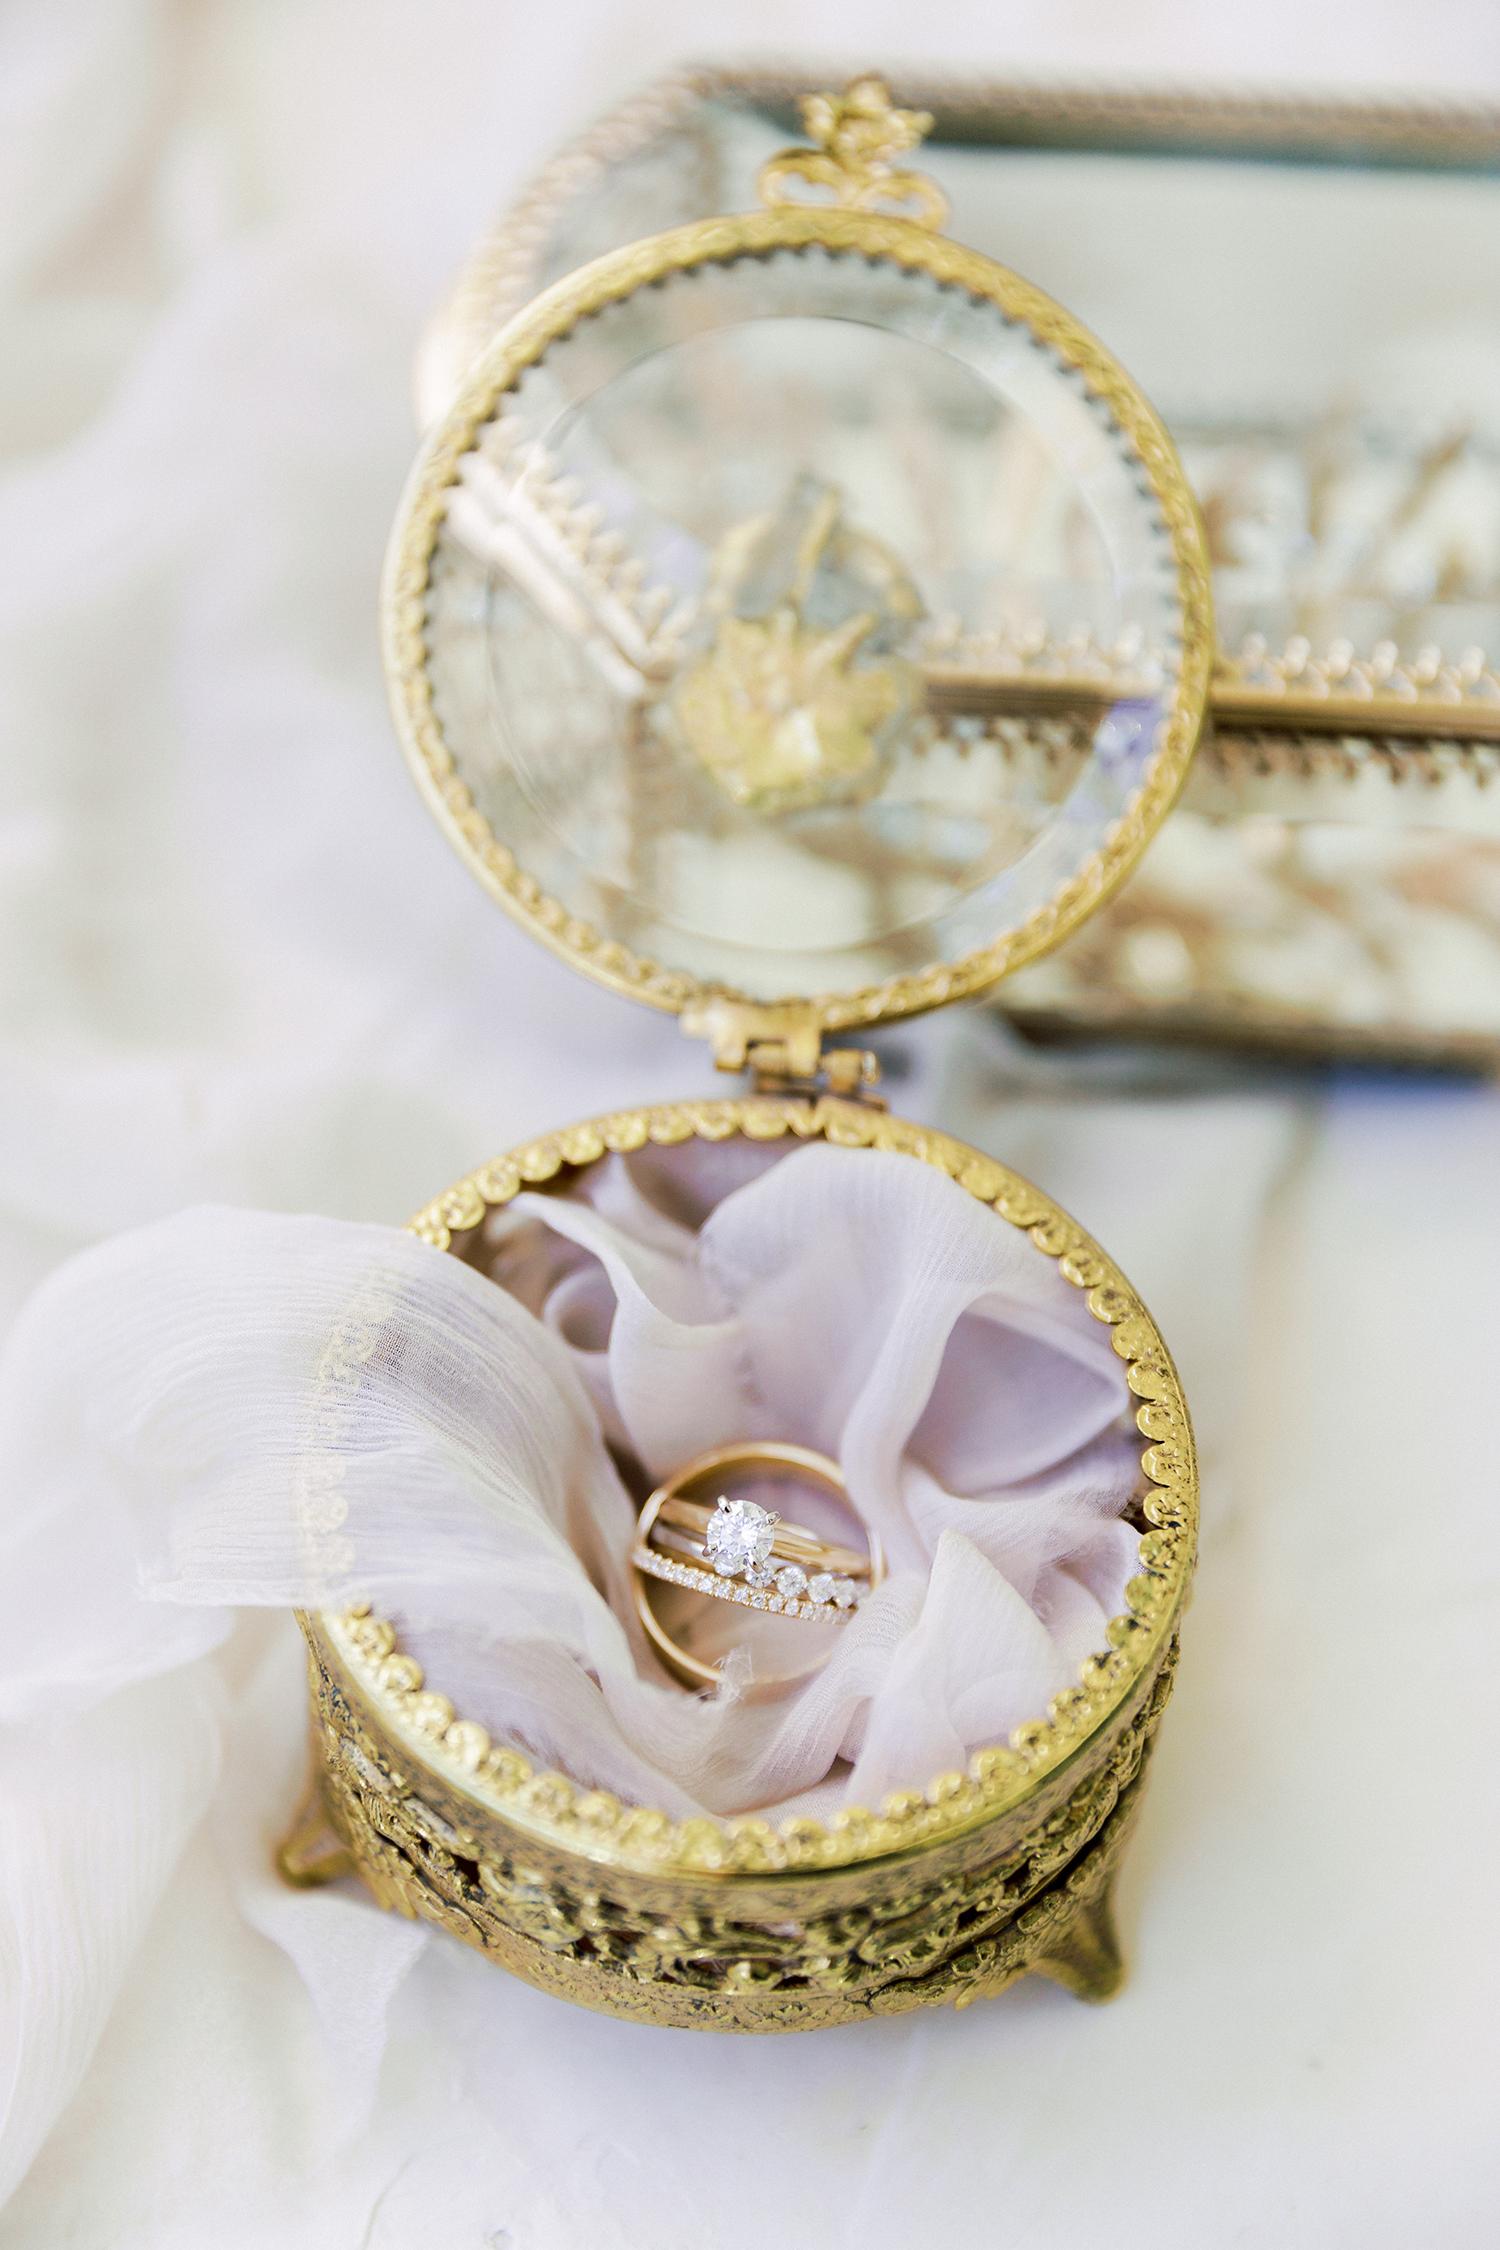 erika evan wedding rings